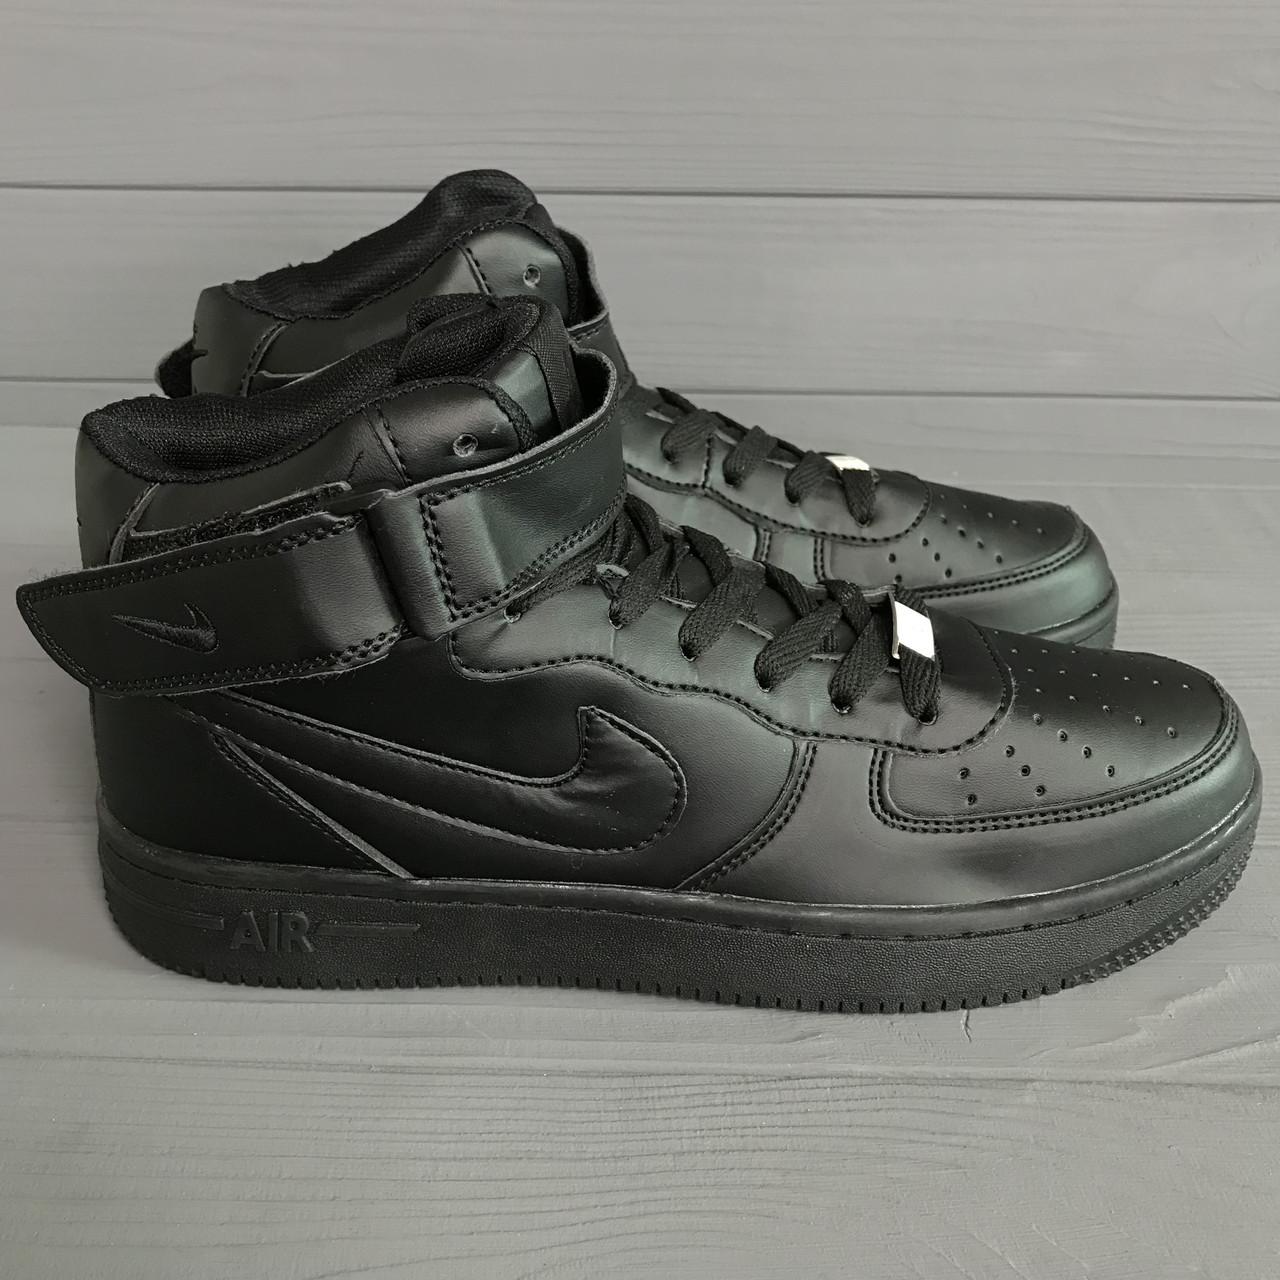 Кроссовки найк аир Форс женские черные демисезонные (реплика) Nike Air Force Black